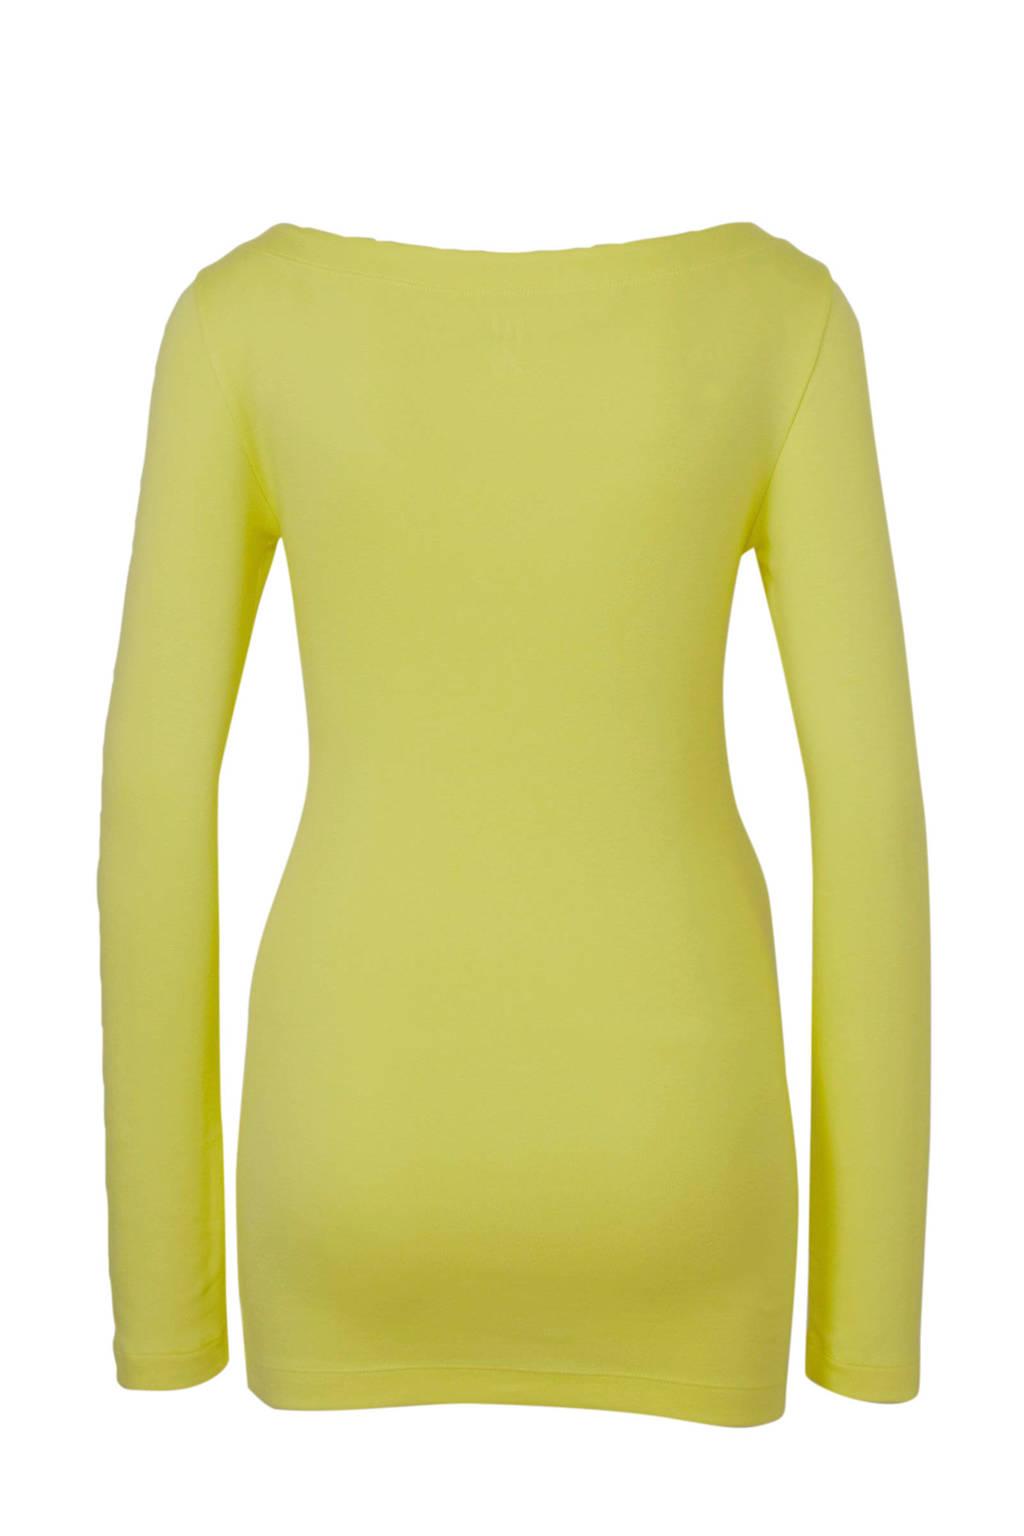 GAP zwangerschapslongsleeve geel, Geel